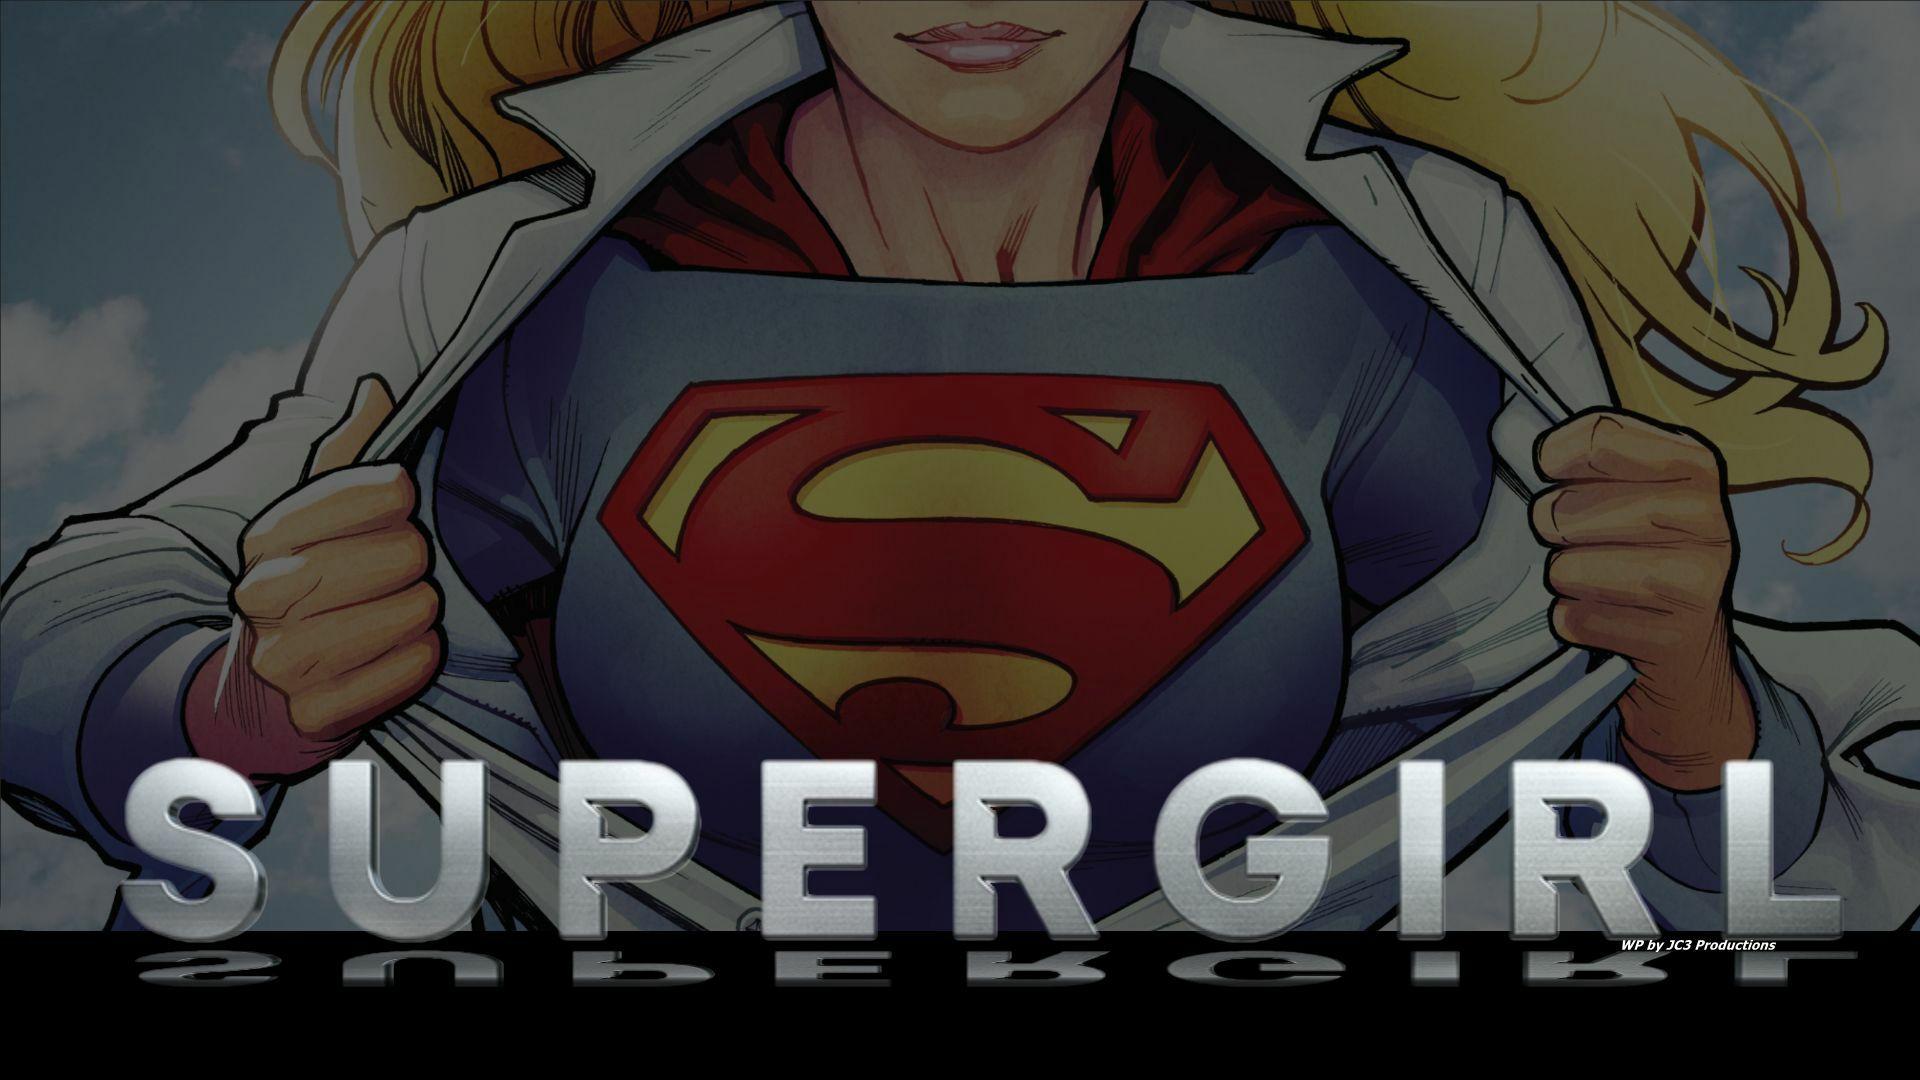 Supergirl Fond D Ecran Ready To Go Dc Comics Fond D Ecran 41256616 Fanpop